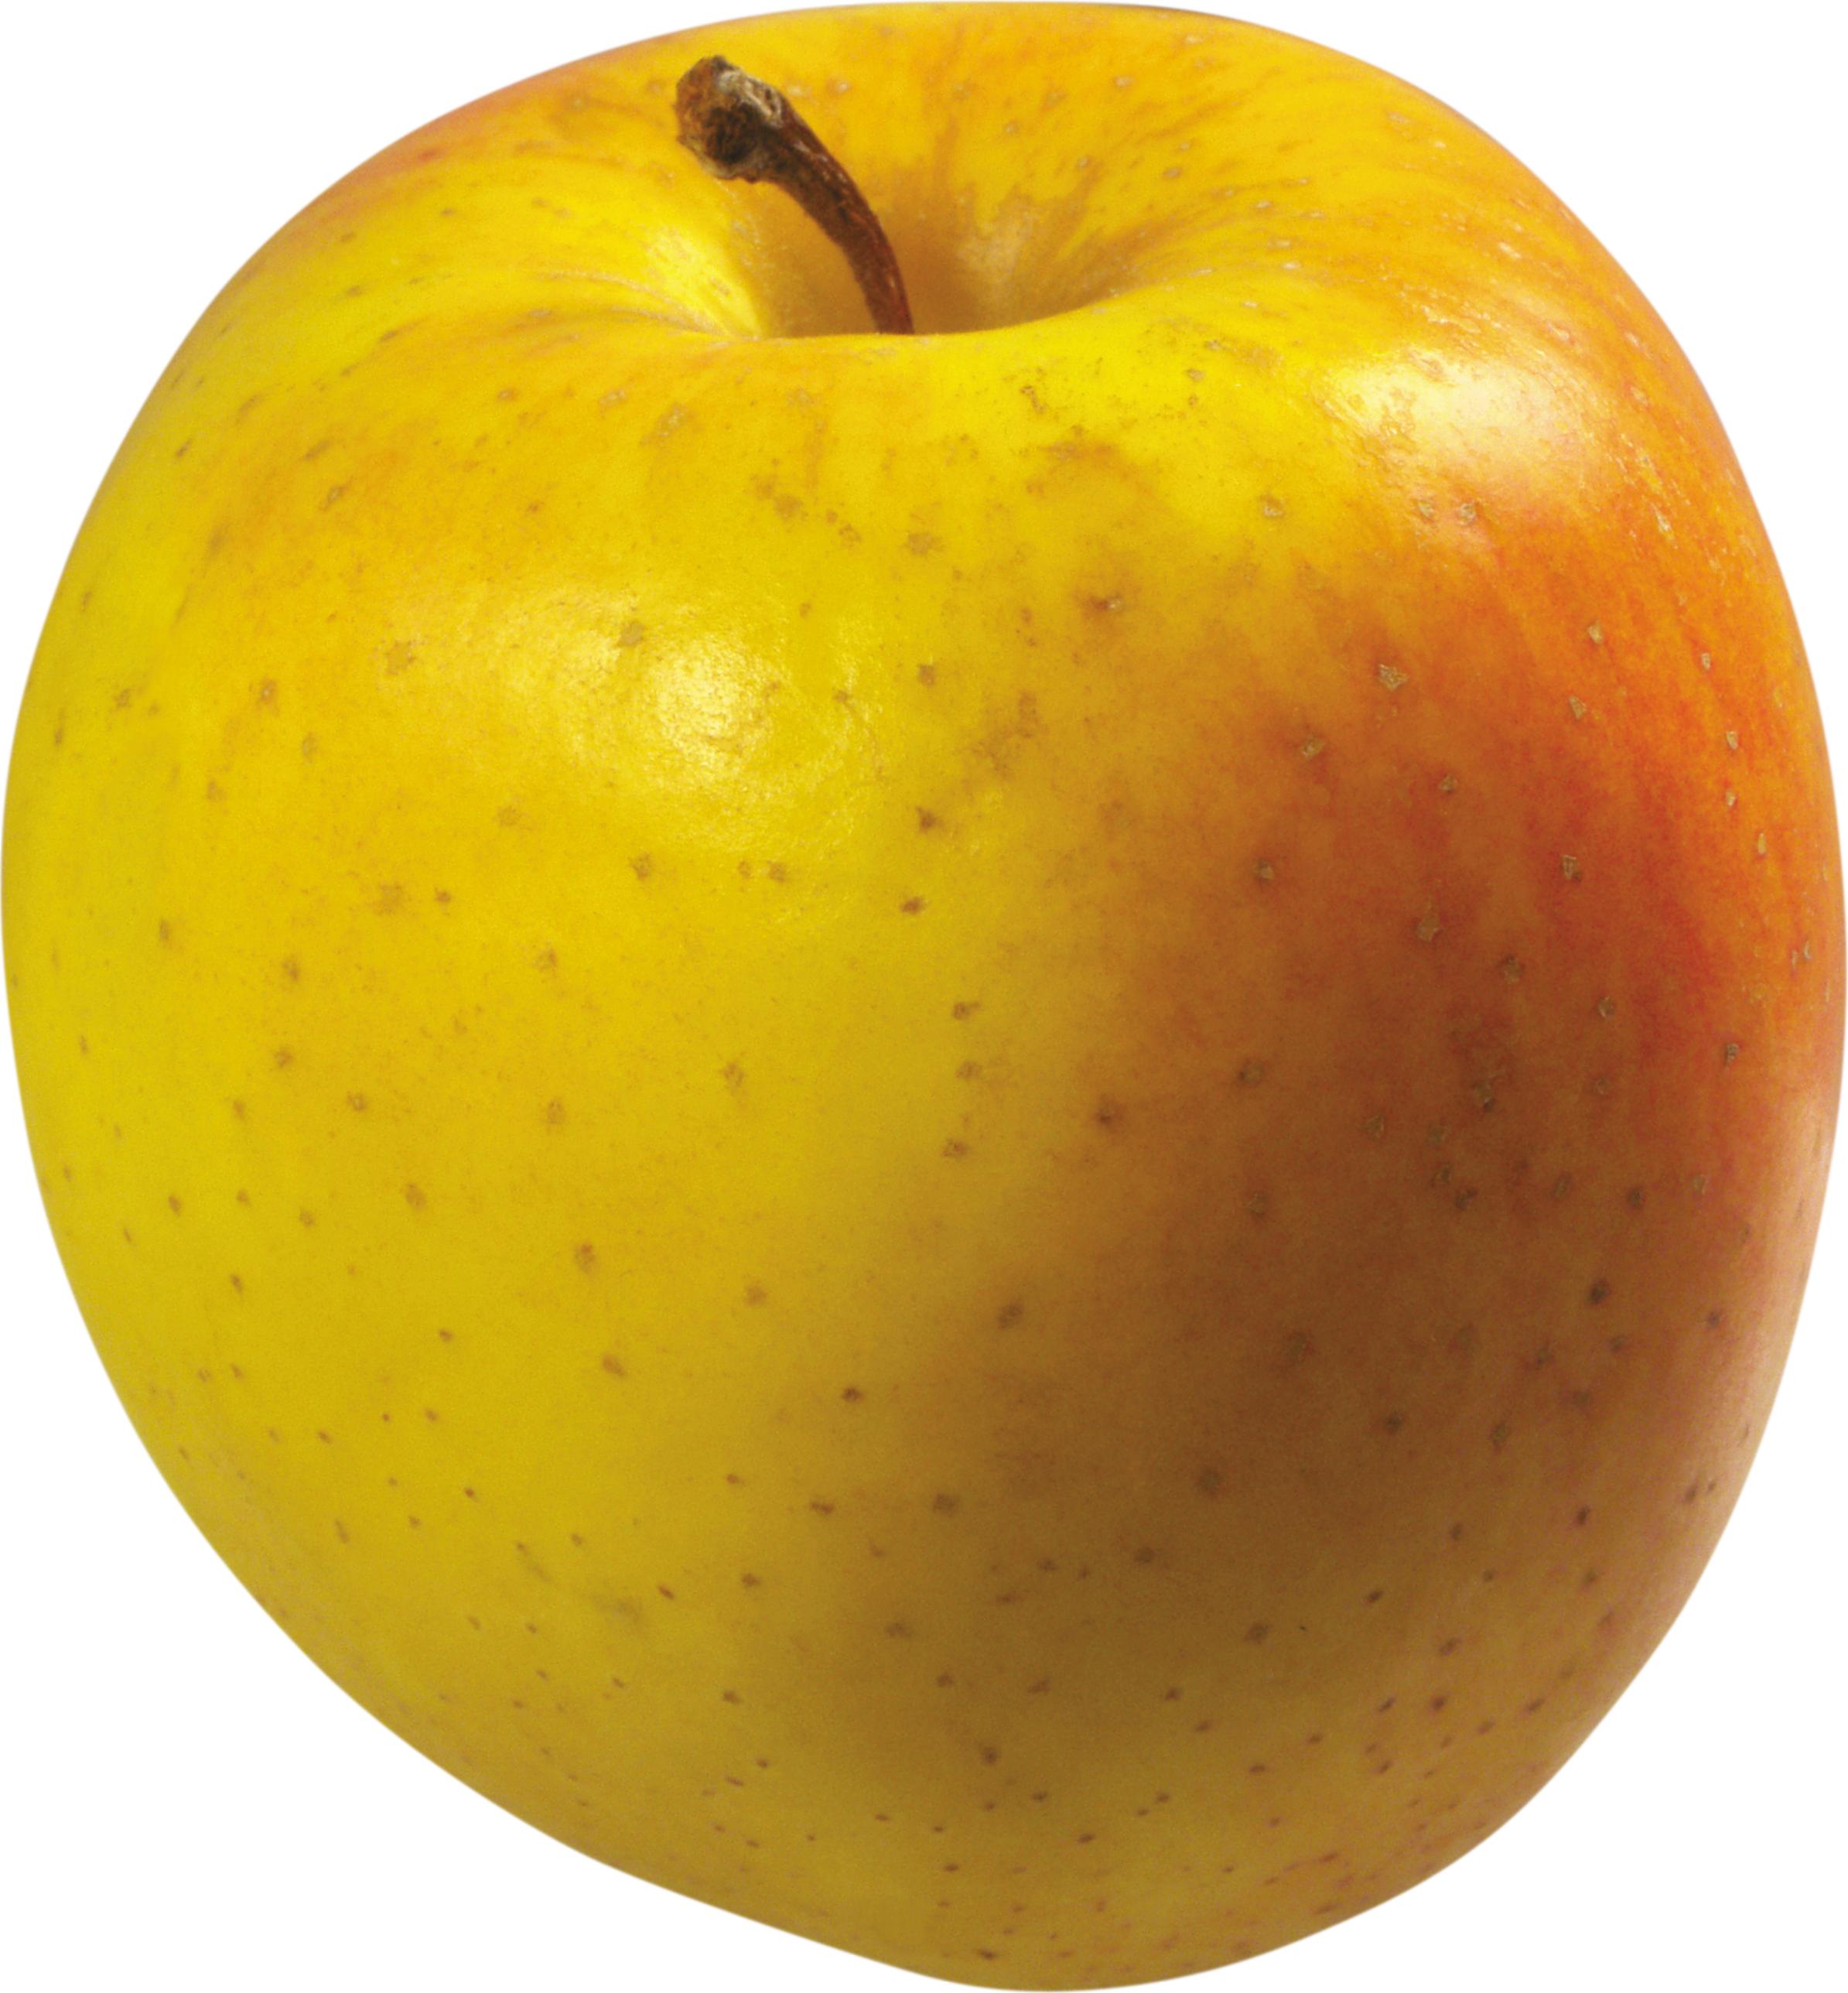 Yellow Apple PNG Image Yellow apple, Apple, Yellow